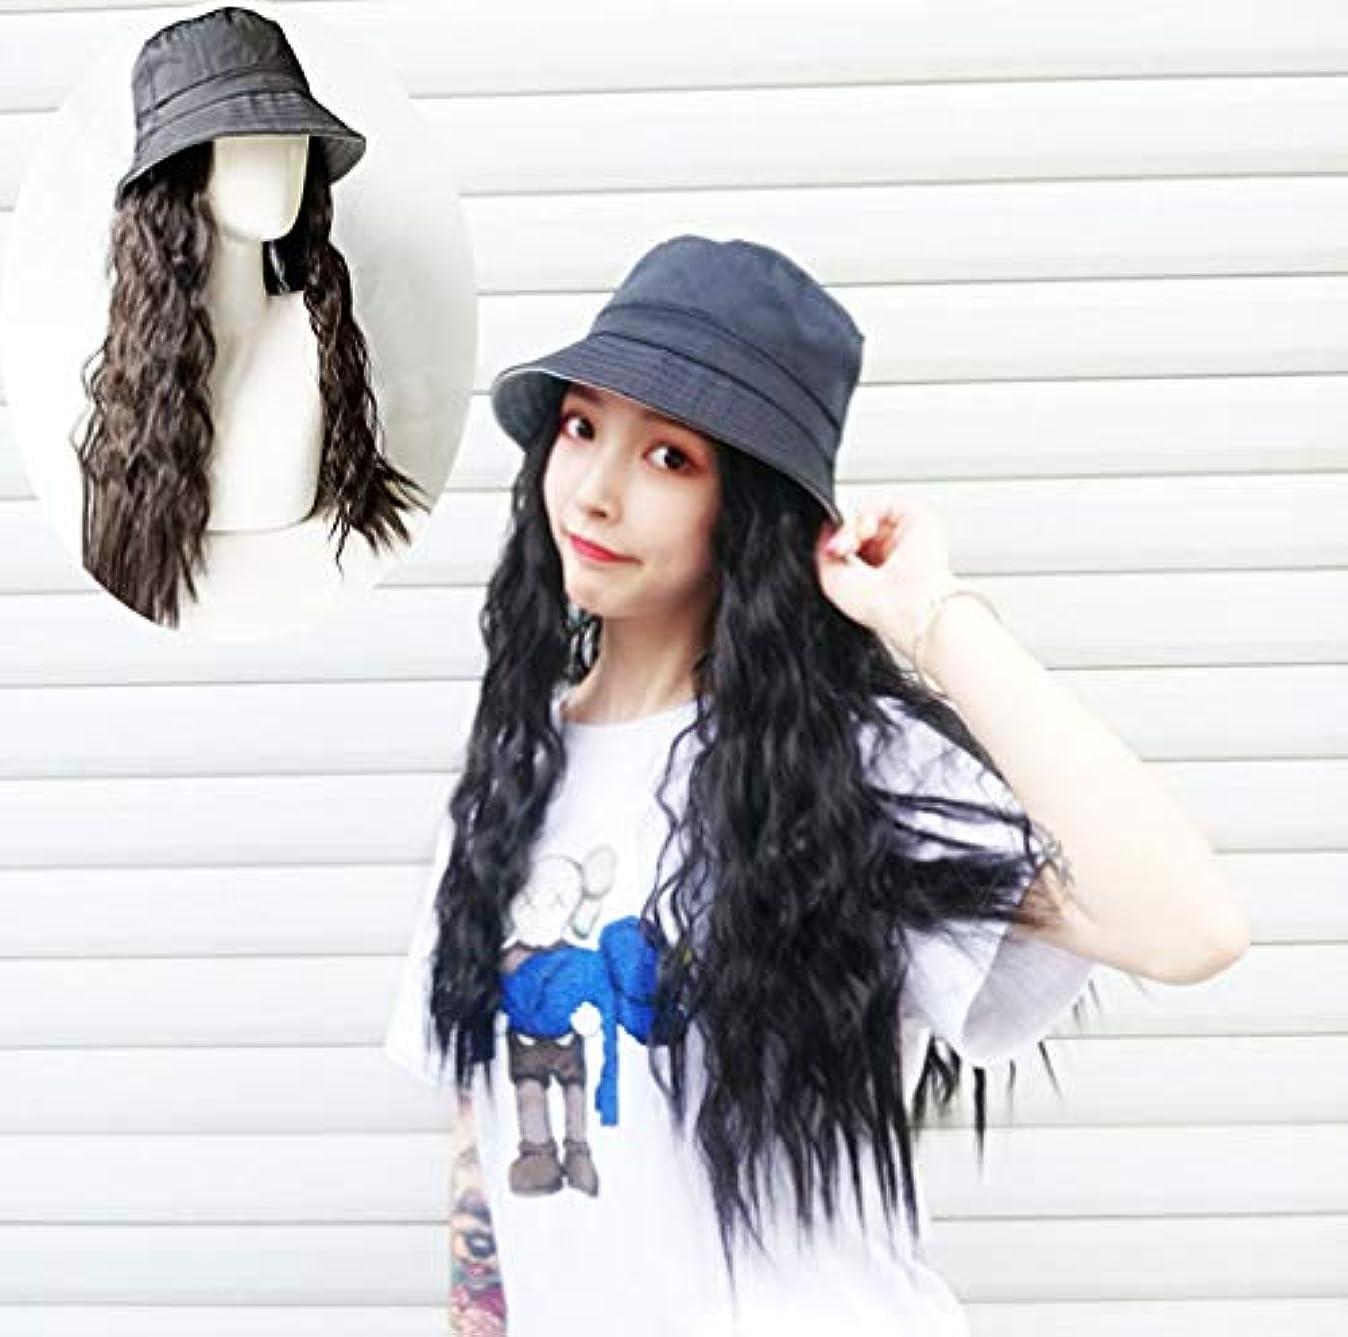 場所怖がらせるラインナップ長いウェーブのかかった髪の拡張子を持つ女性野球キャップ毎日のパーティーの使用のための黒い帽子が付いた自然な人工毛65cm